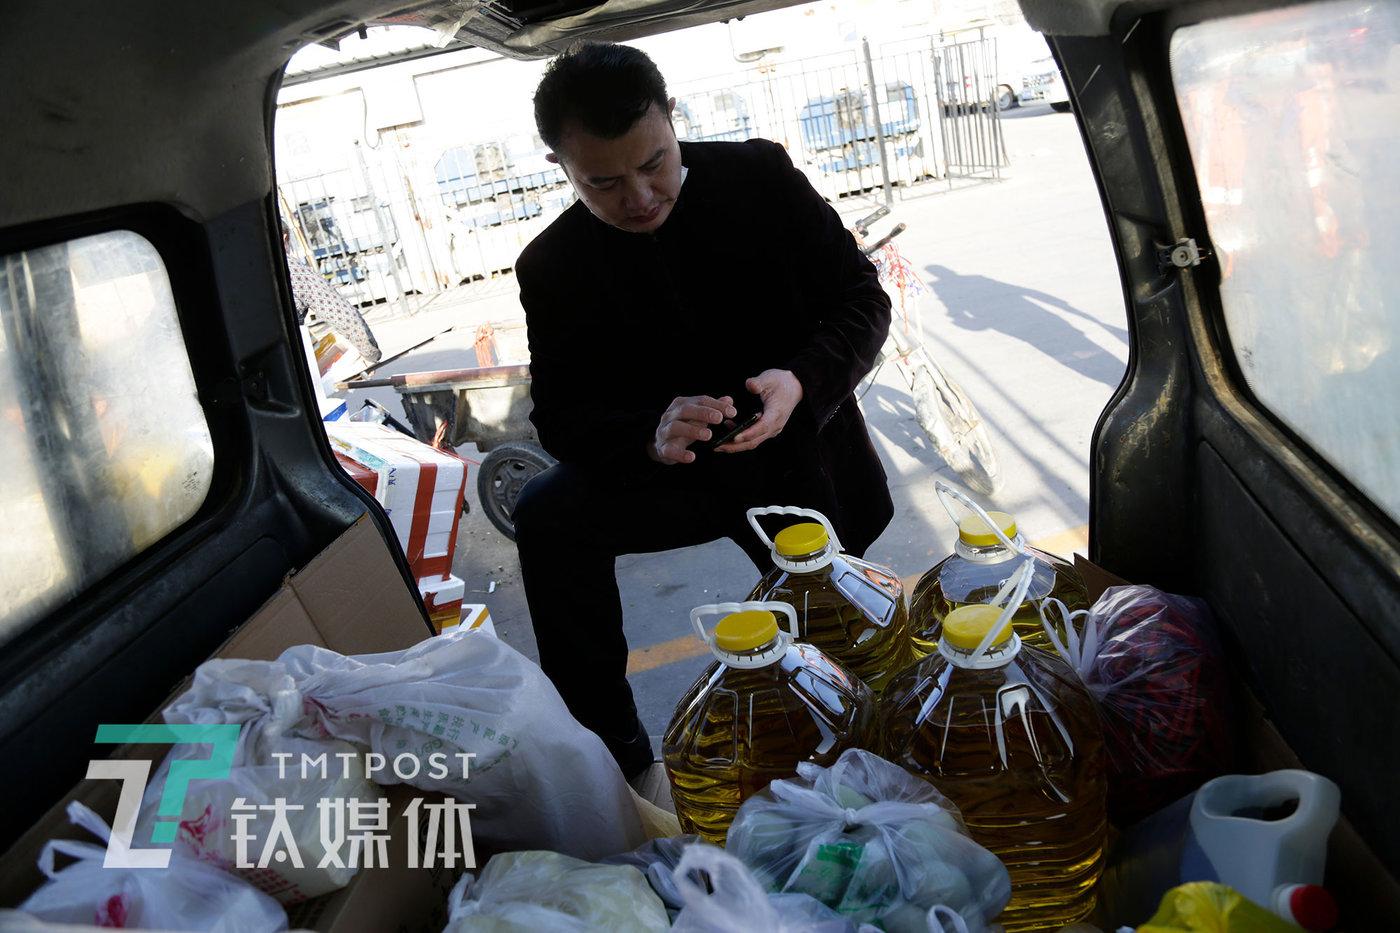 4月2日早晨7时32分,王谋福在清点已购买的食材。